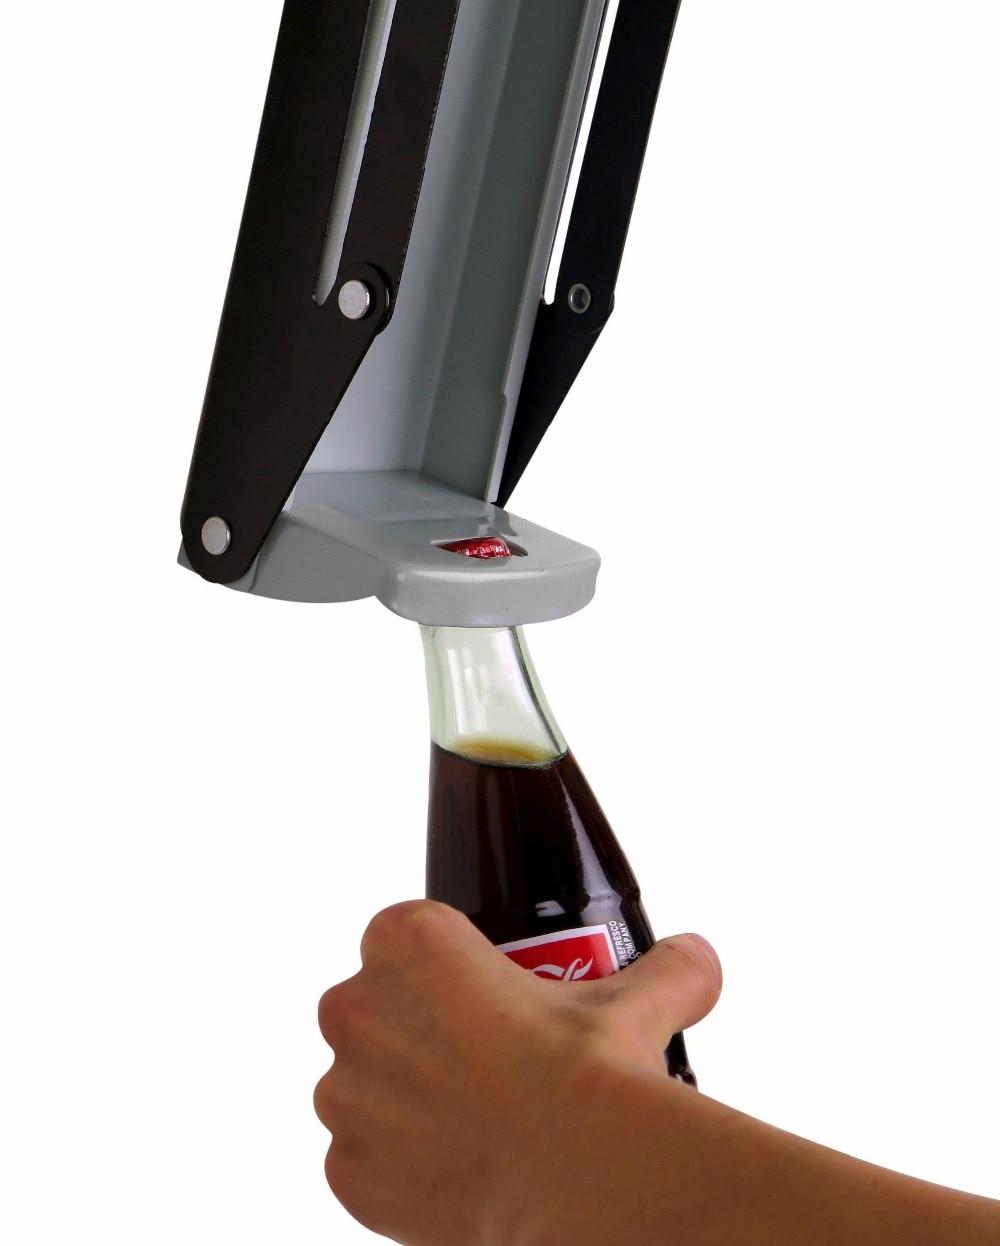 Envío gratuito montado en la pared 500 ml Tipo de servicio pesado de - Juegos de herramientas - foto 6